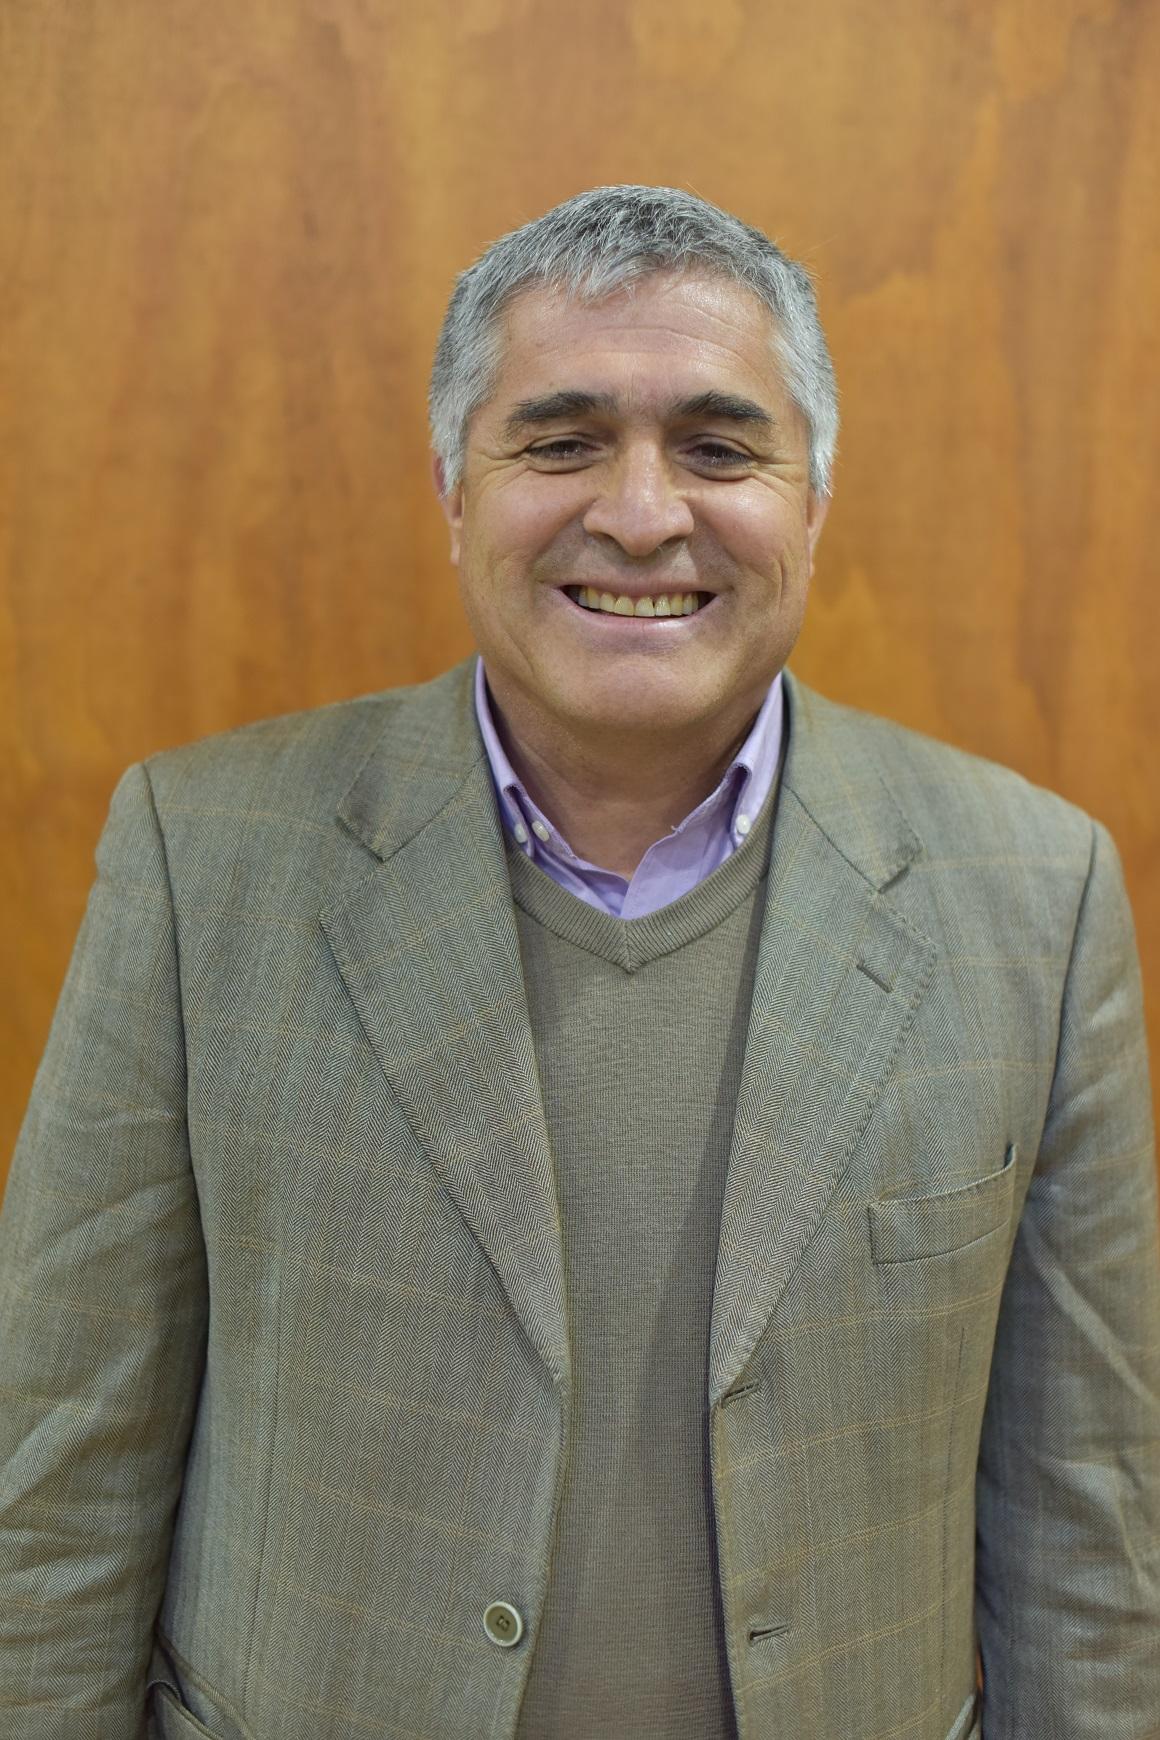 Sixto Gonzalez